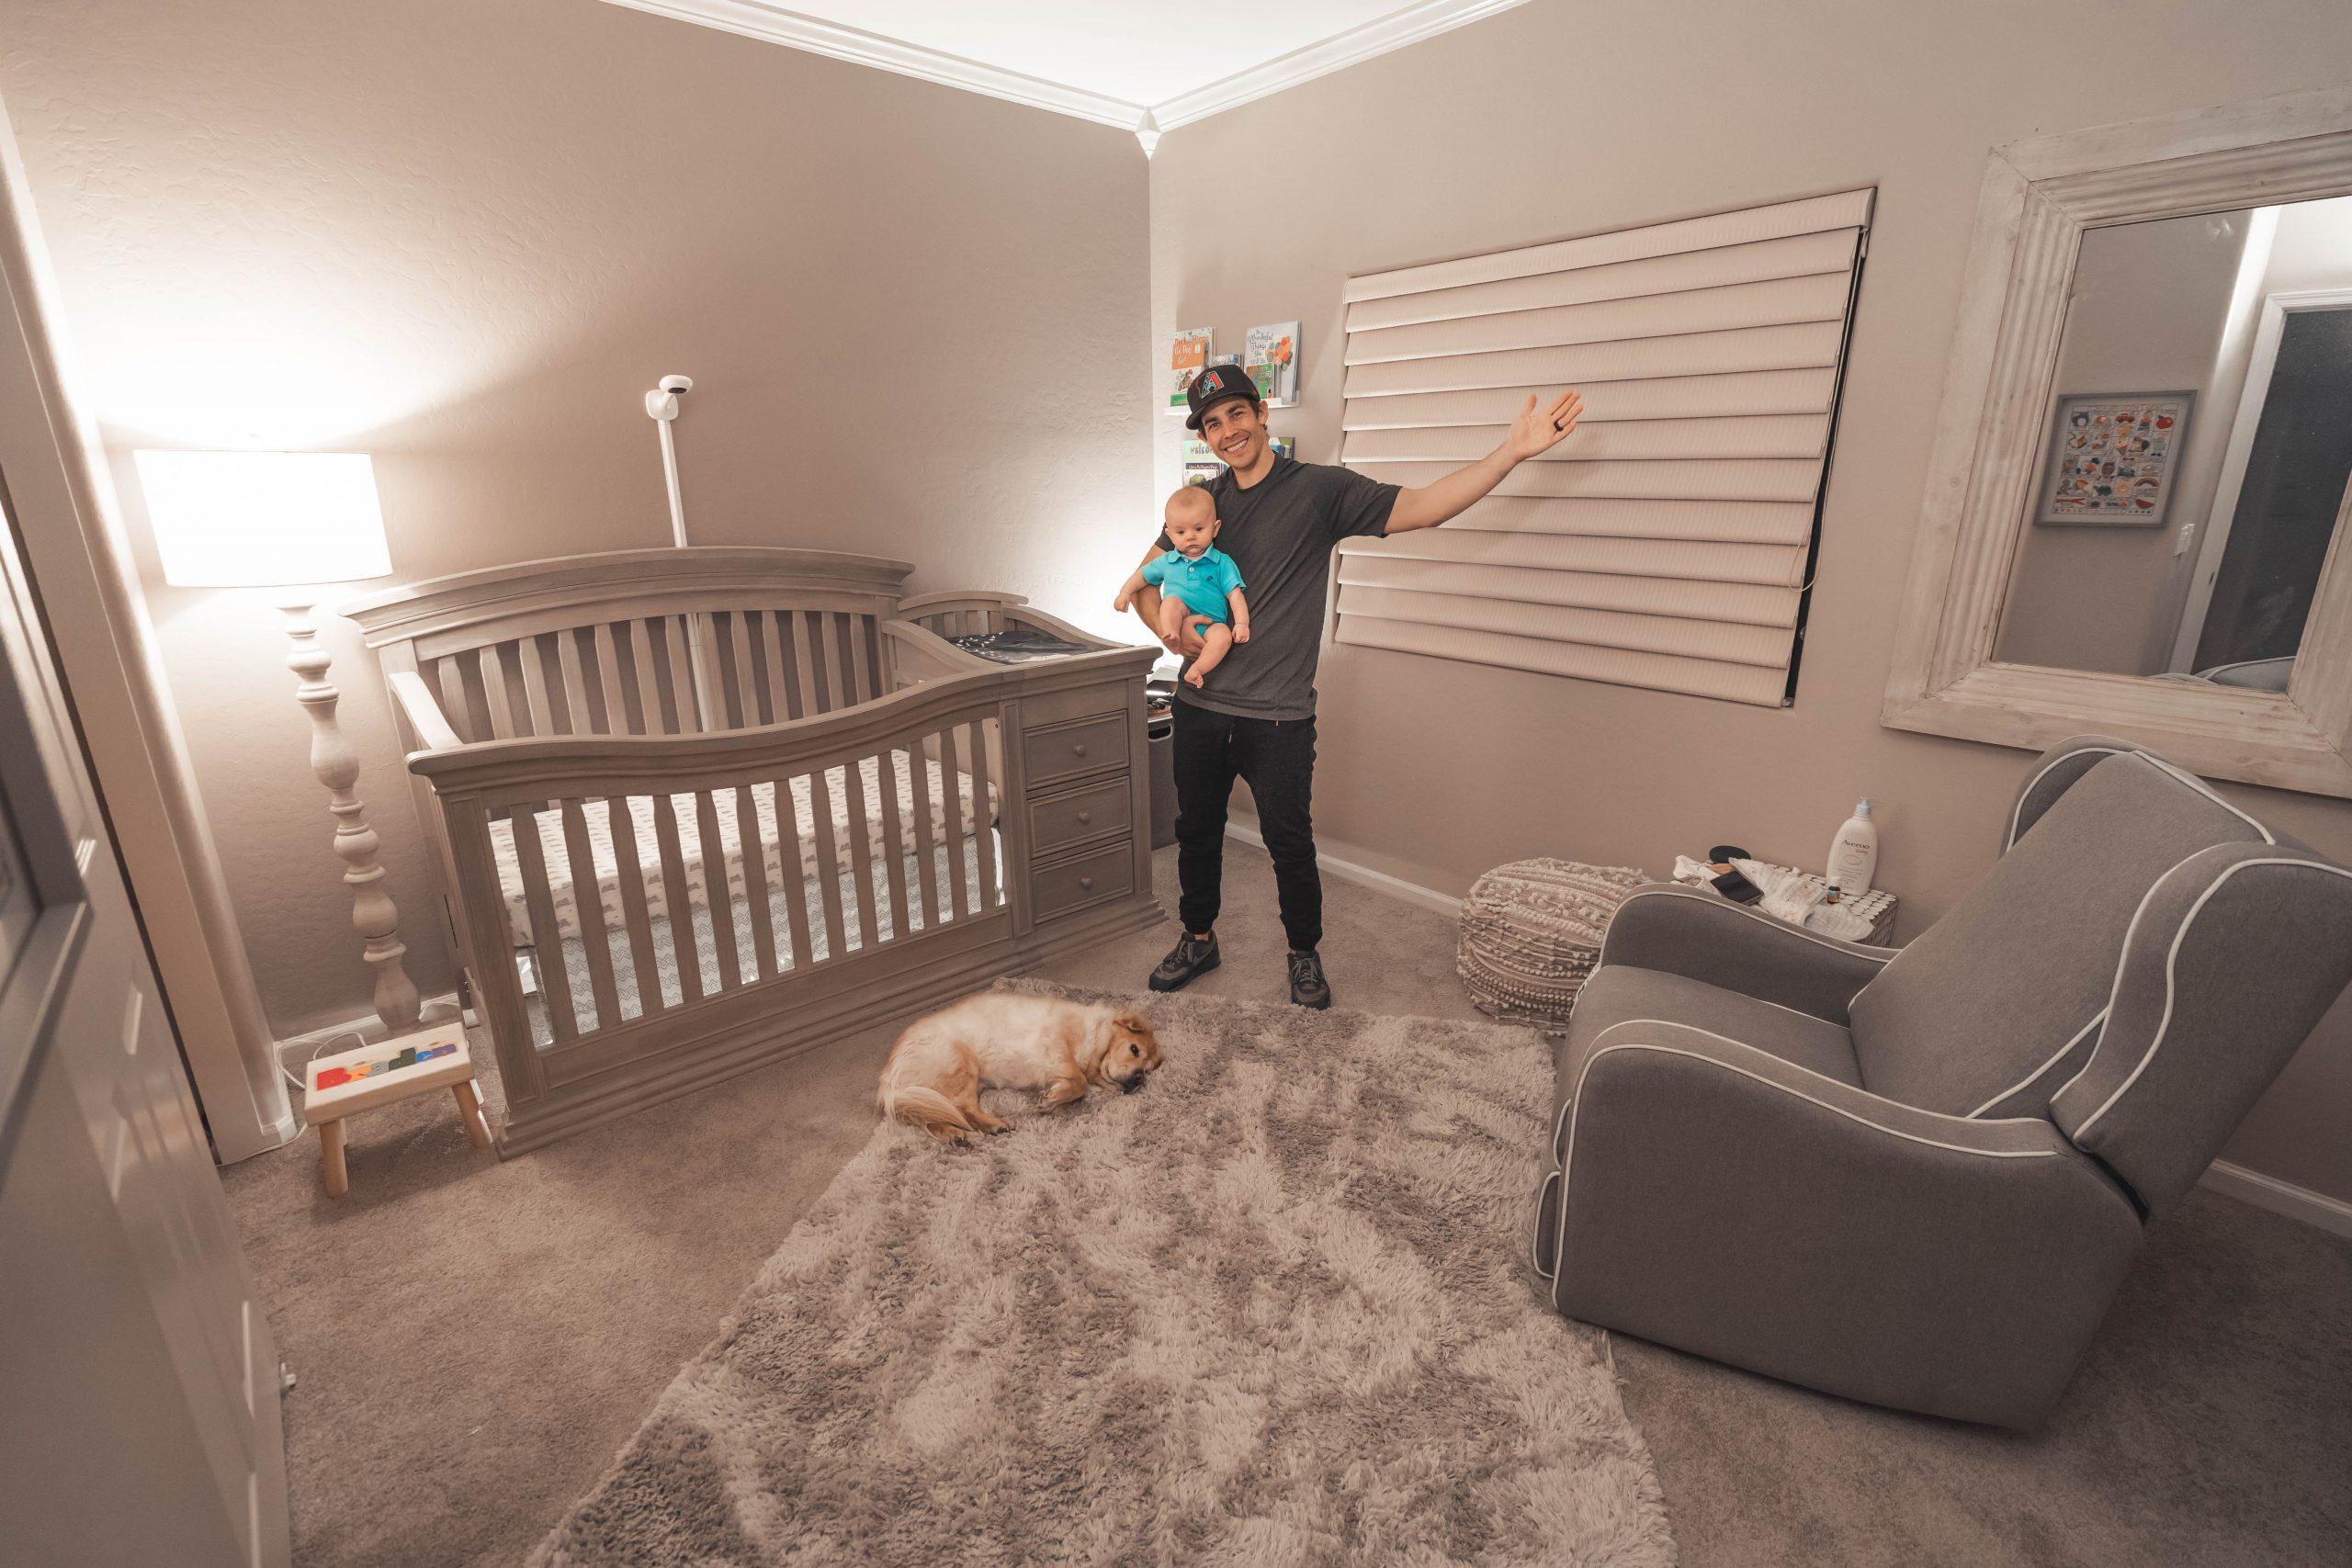 Une chambre bébé pratique !